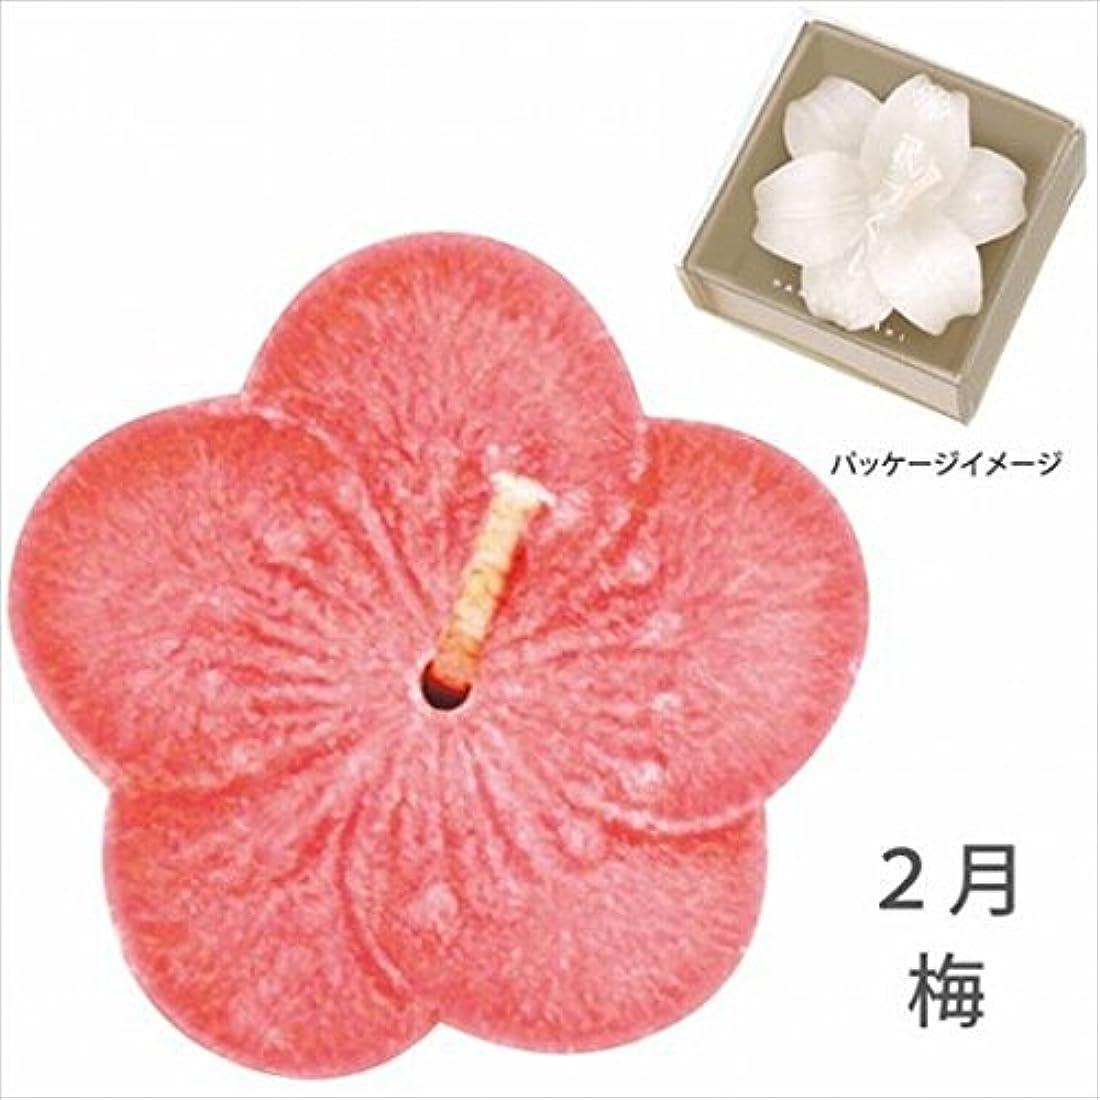 麺にレーニン主義カメヤマキャンドル( kameyama candle ) 花づくし(植物性) 梅 「 梅(2月) 」 キャンドル